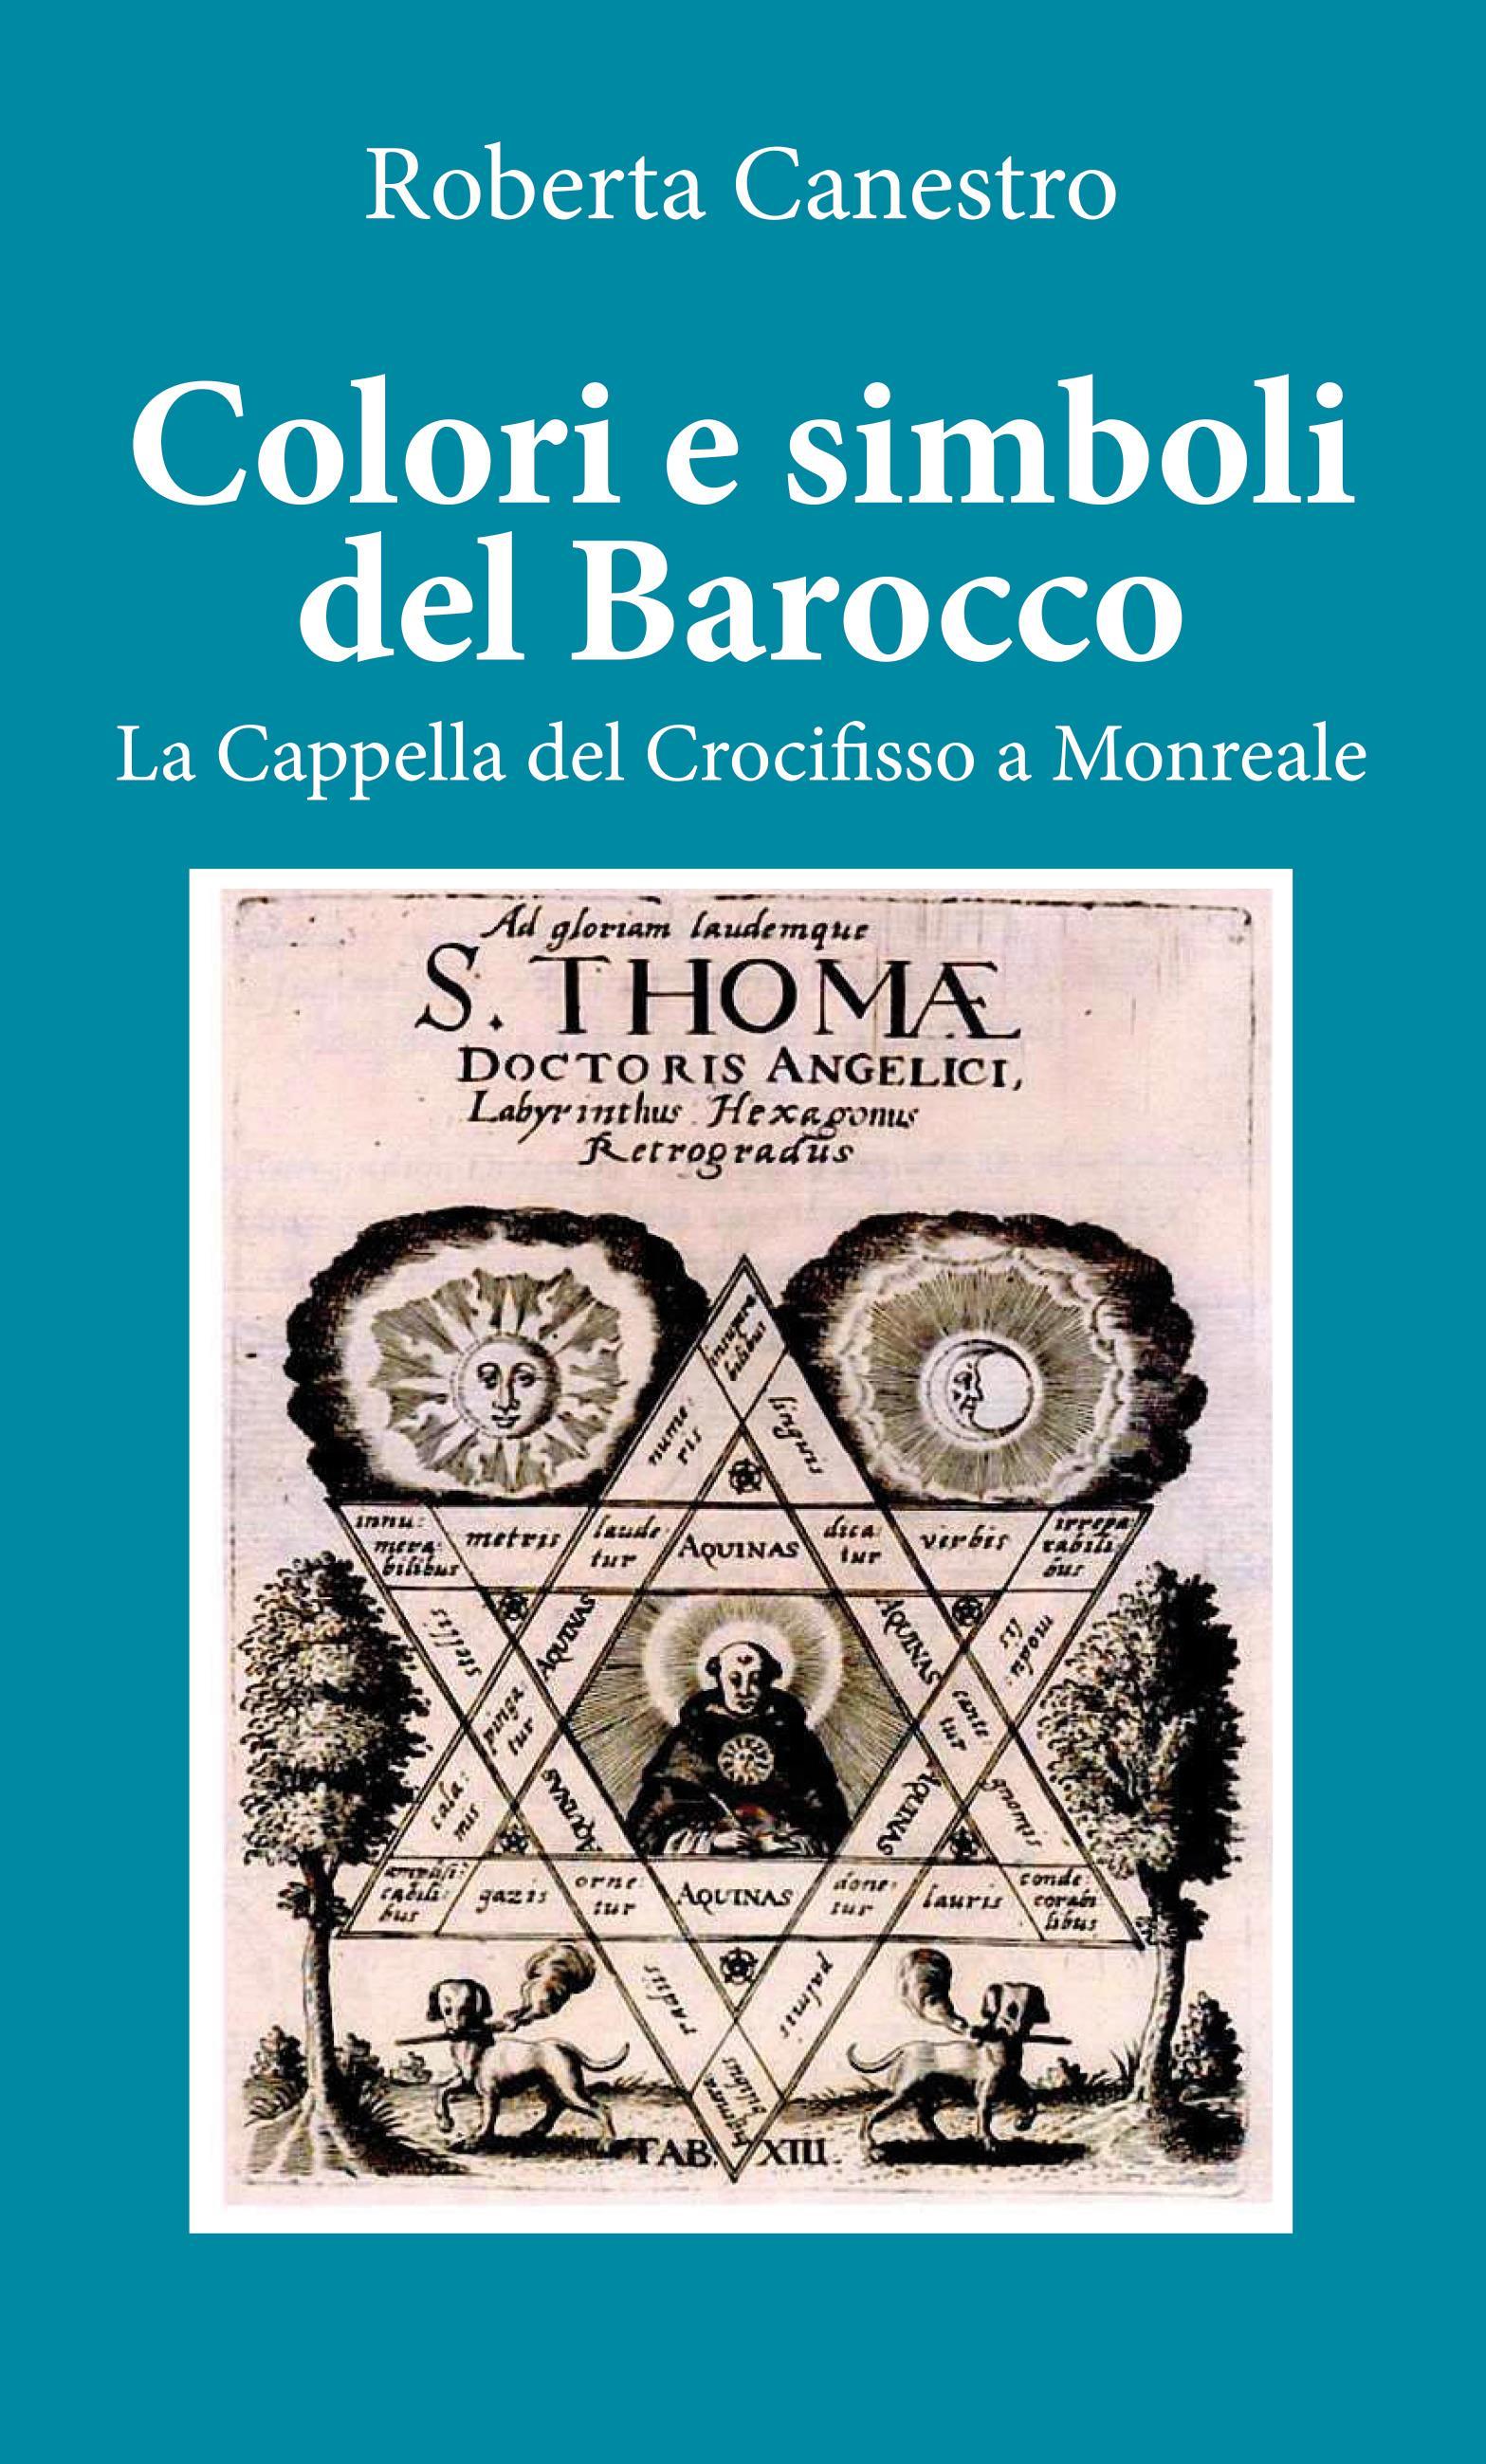 Colori e simboli del barocco. La cappella del Crocifisso a Monreale